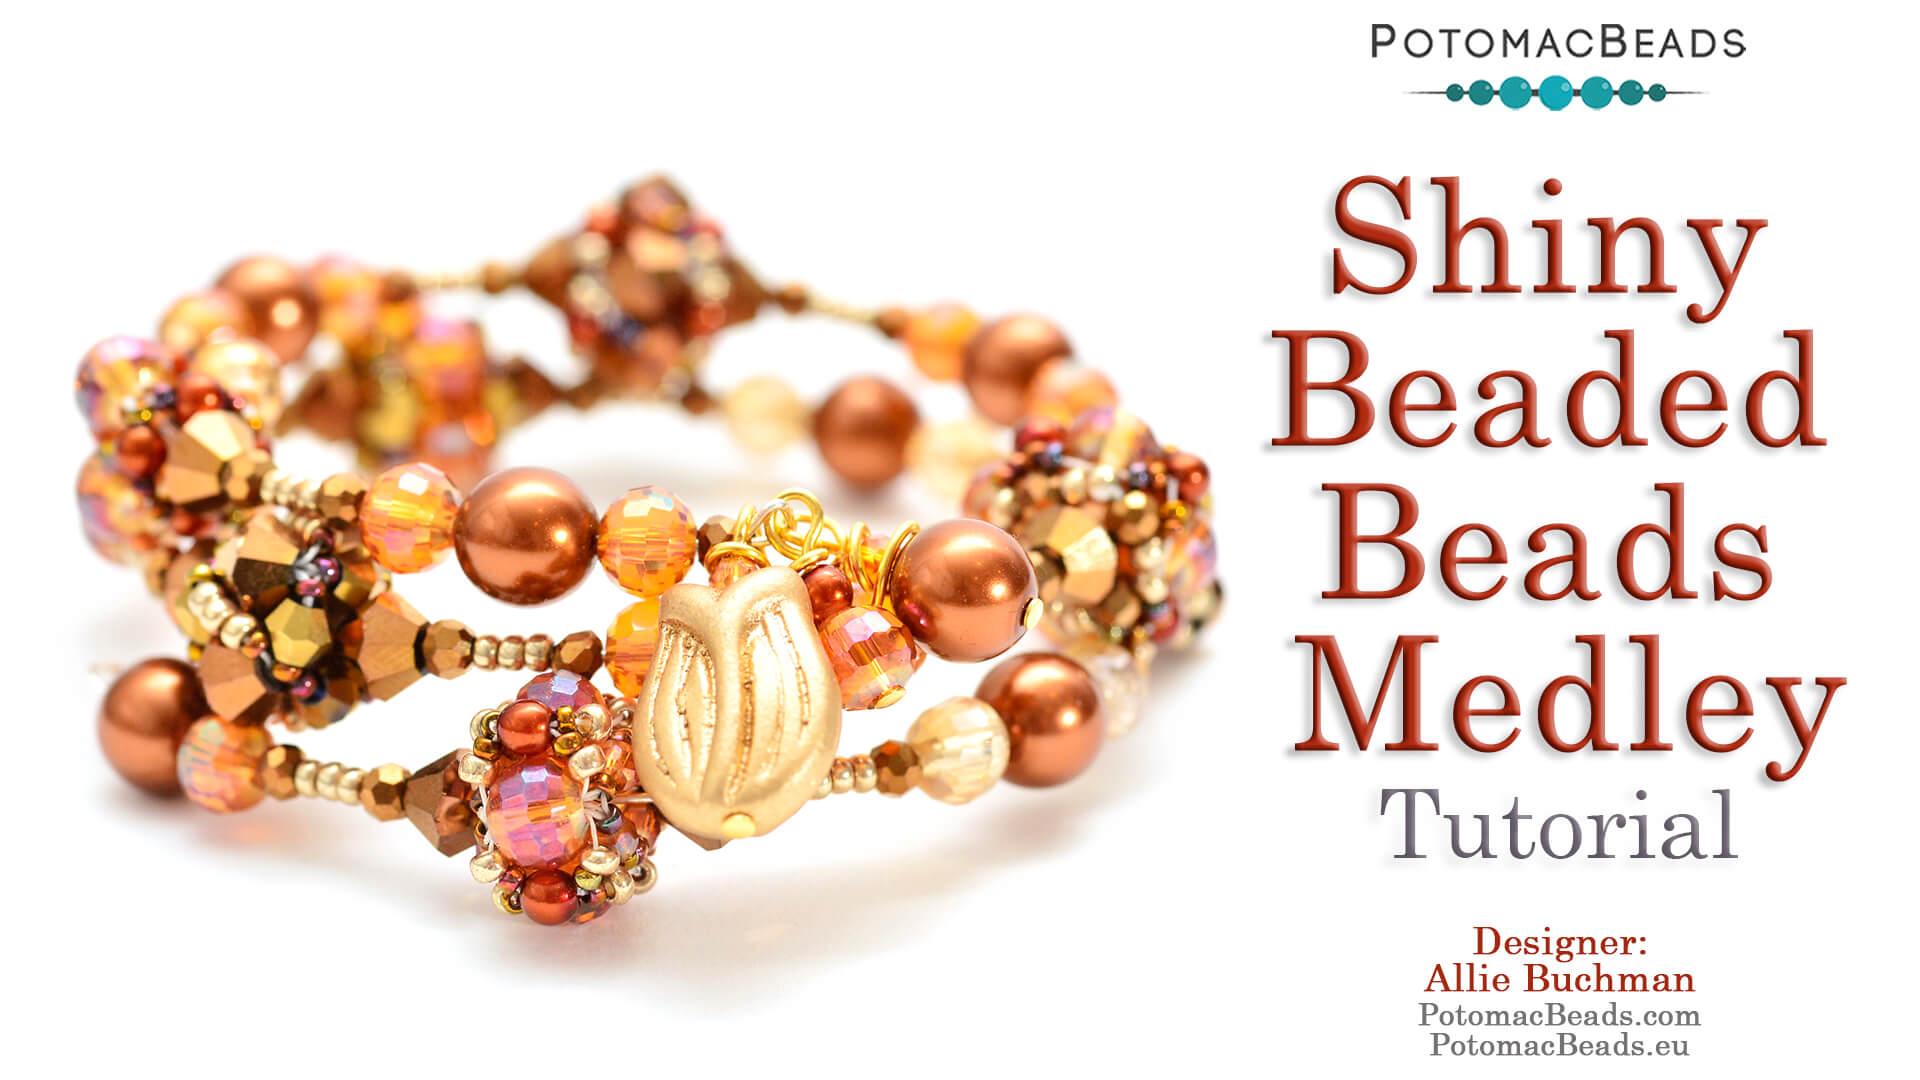 Shiny Beaded Beads Medley Tutorial